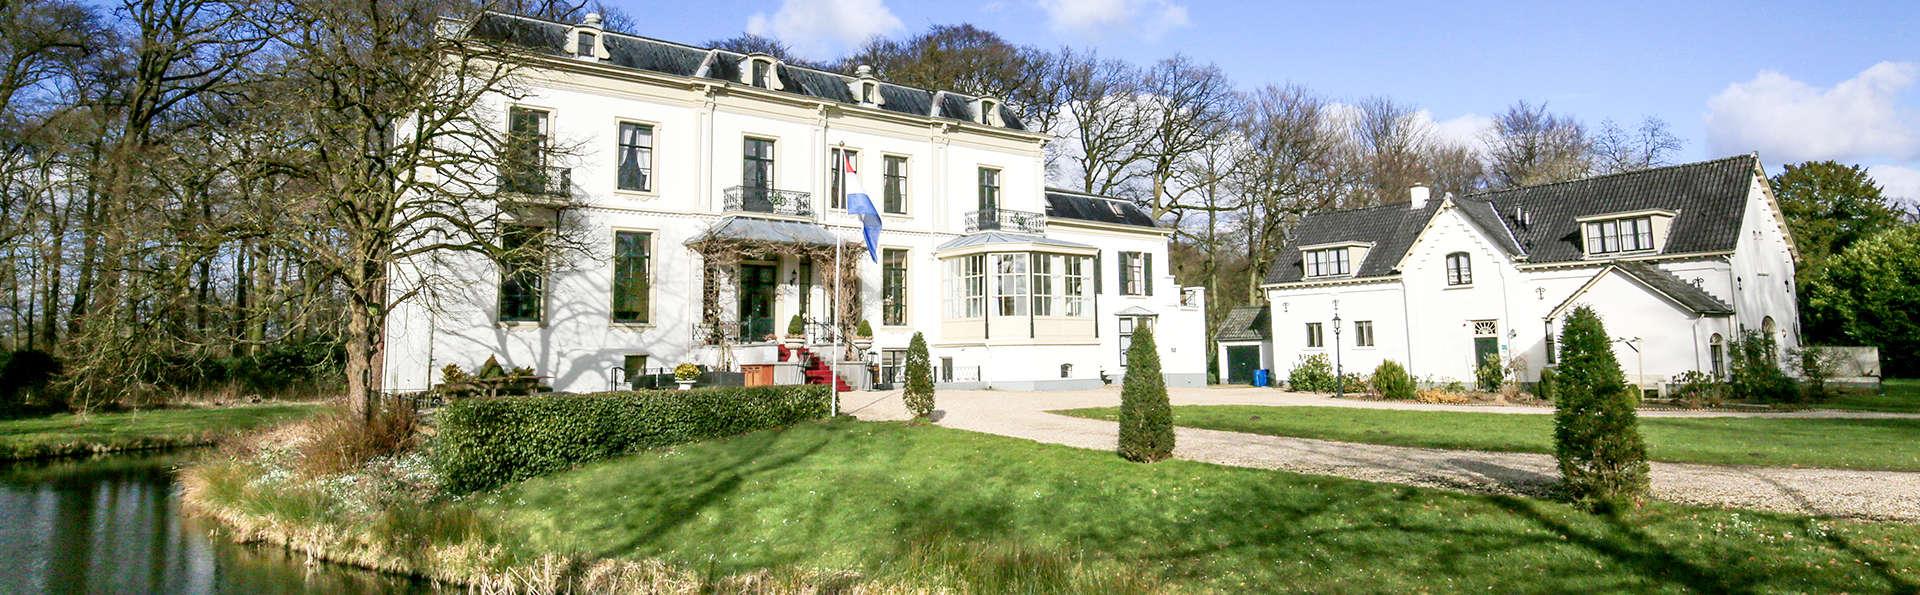 Fletcher Hotel-Landgoed Huis Te Eerbeek - Edit_Front6.jpg